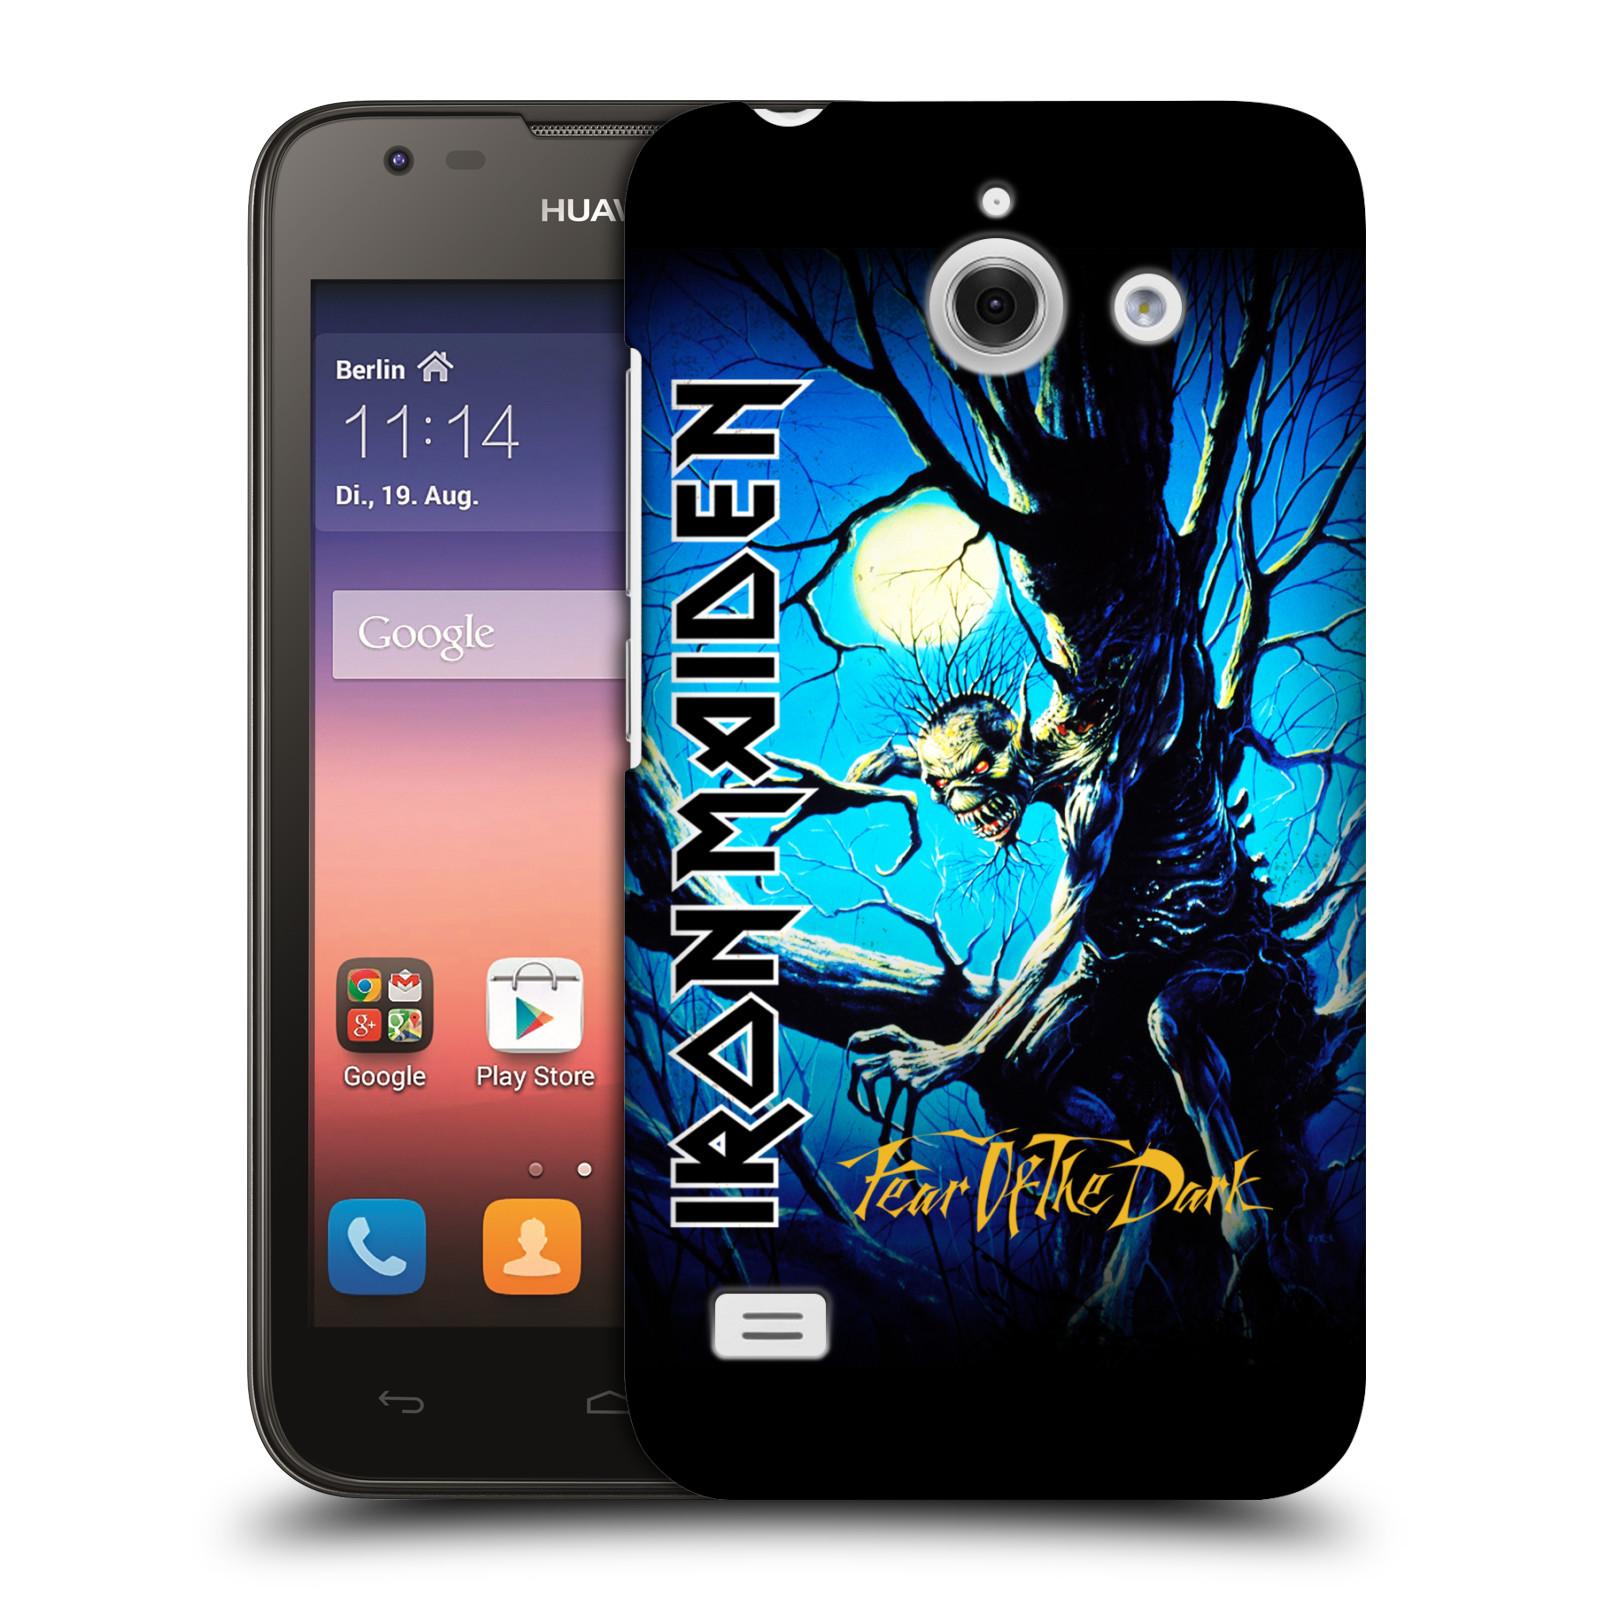 Plastové pouzdro na mobil Huawei Ascend Y550 HEAD CASE - Iron Maiden - Fear Of The Dark (Plastový kryt či obal na mobilní telefon s licencovaným motivem Iron Maiden Huawei Ascend Y550)